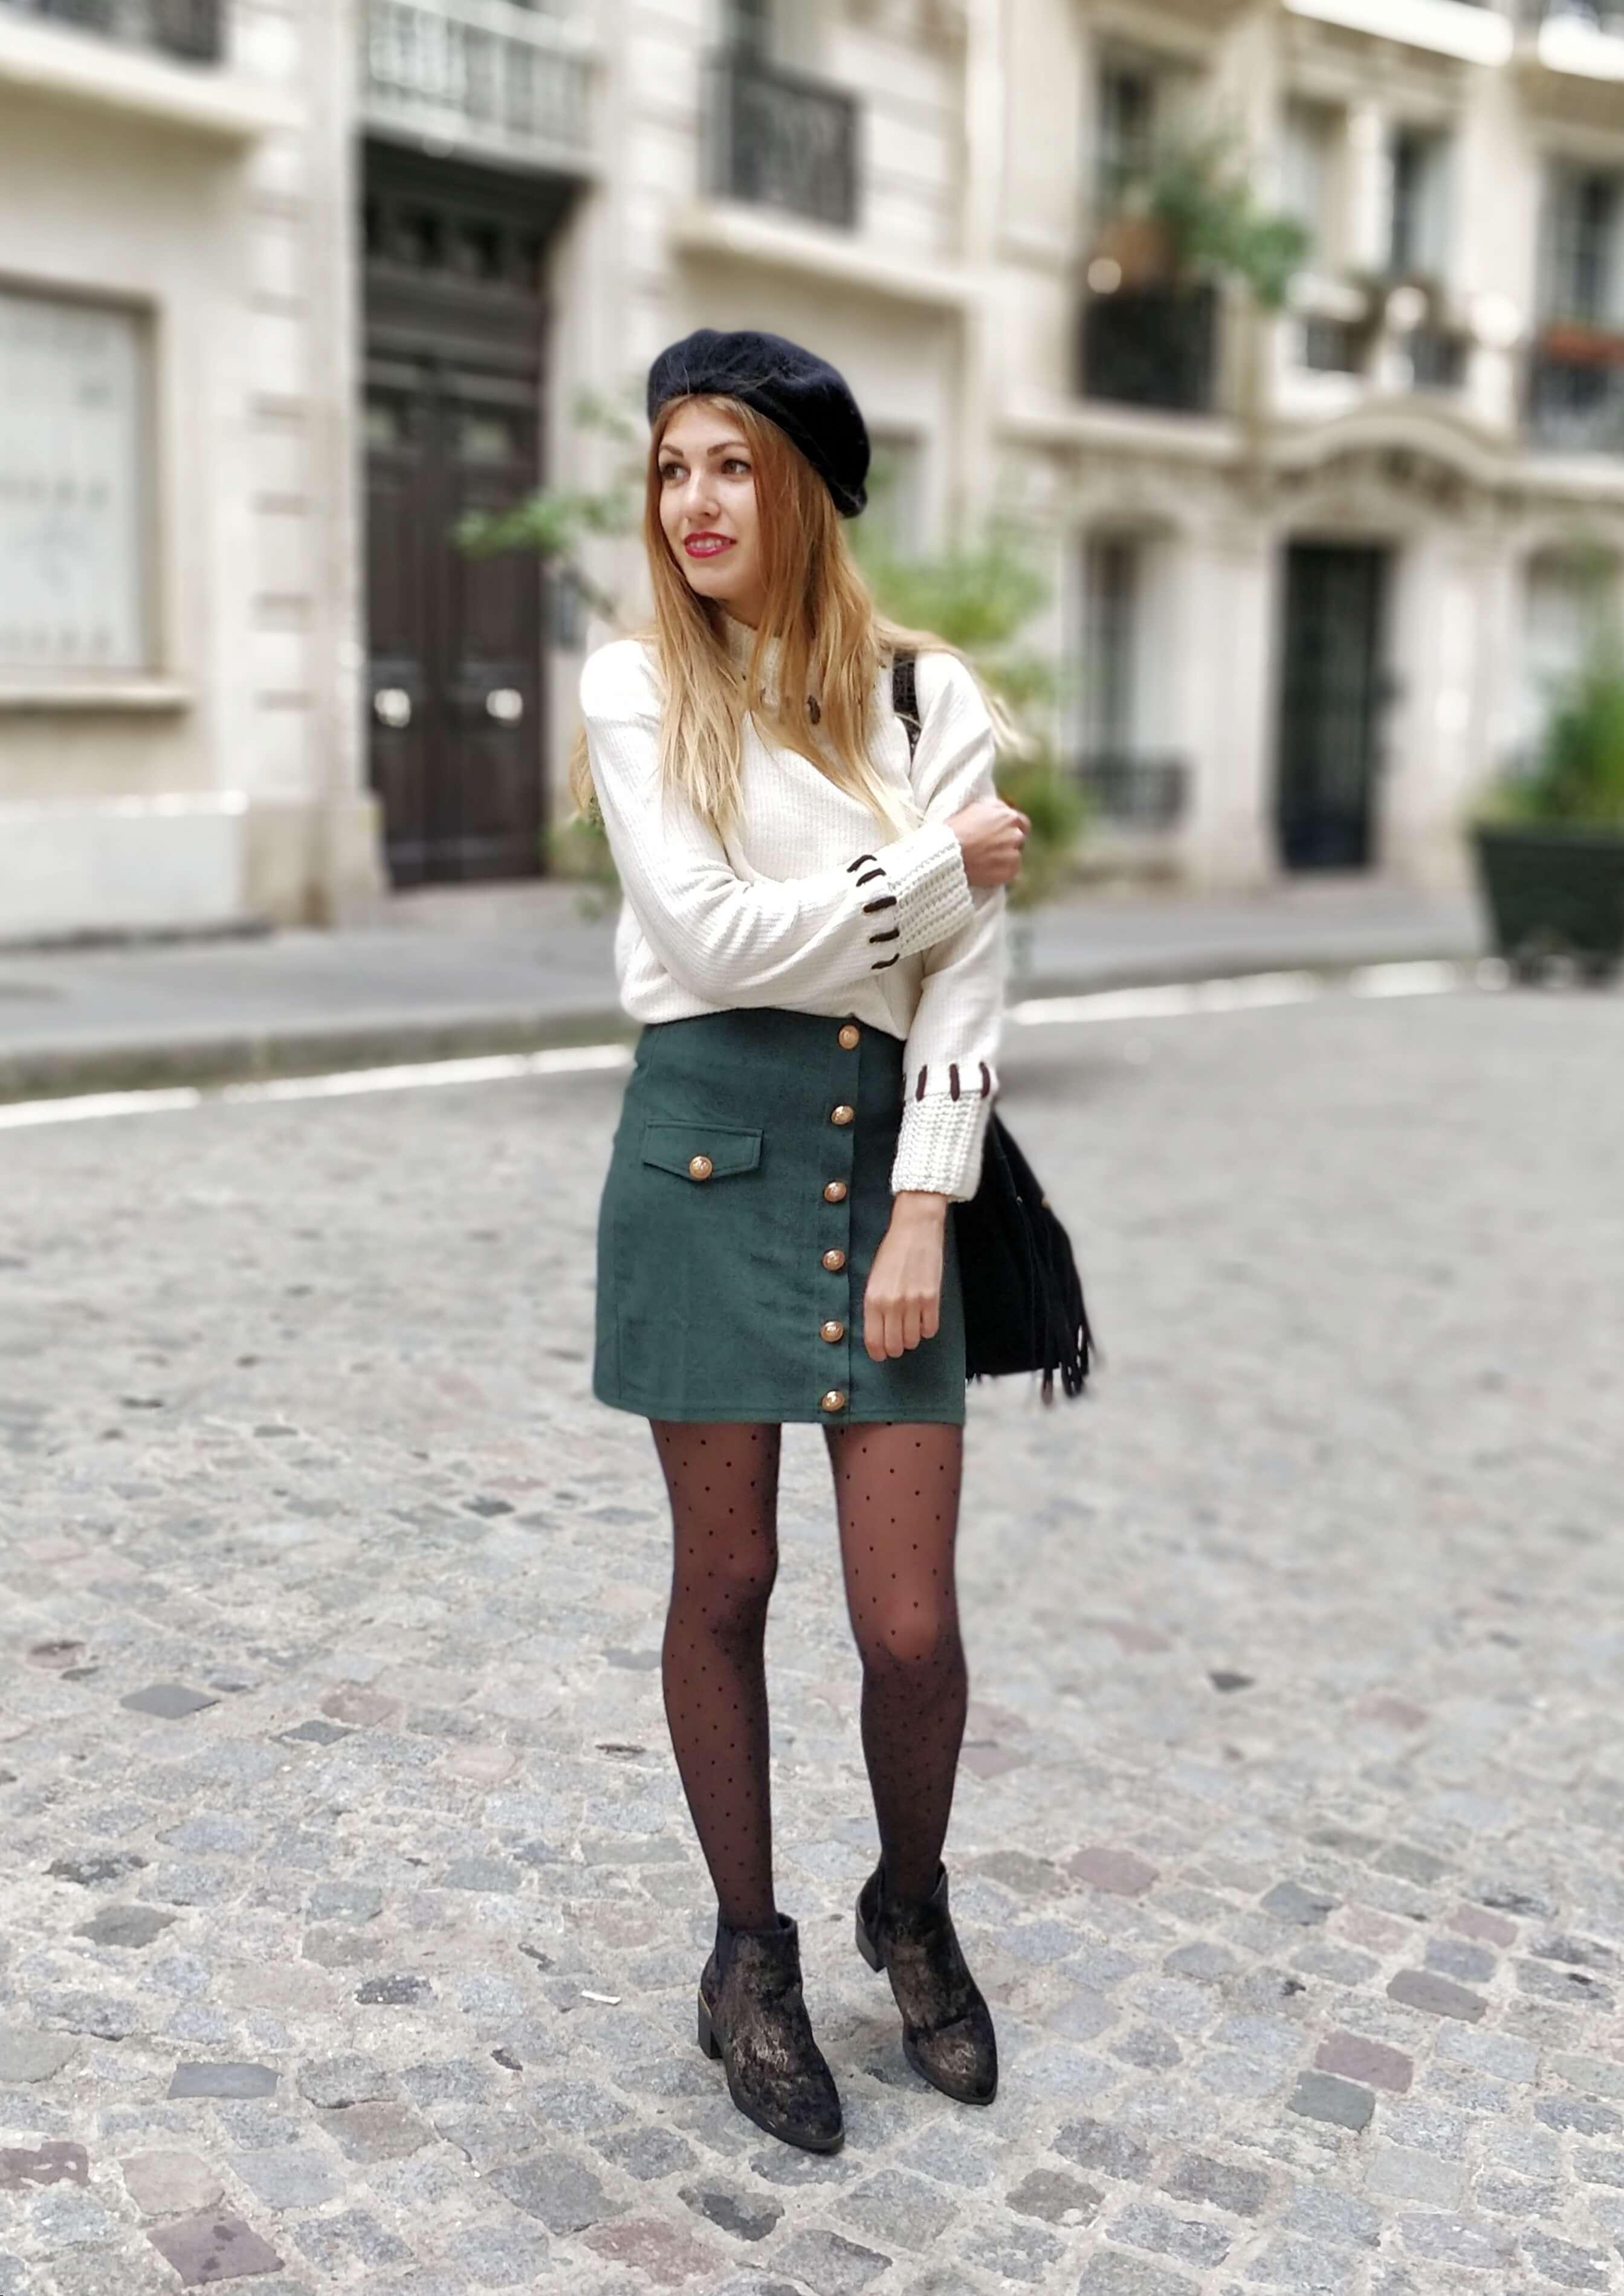 jupe sapin tenue blog mode hiver 19 janvier - La couleur de l'hiver